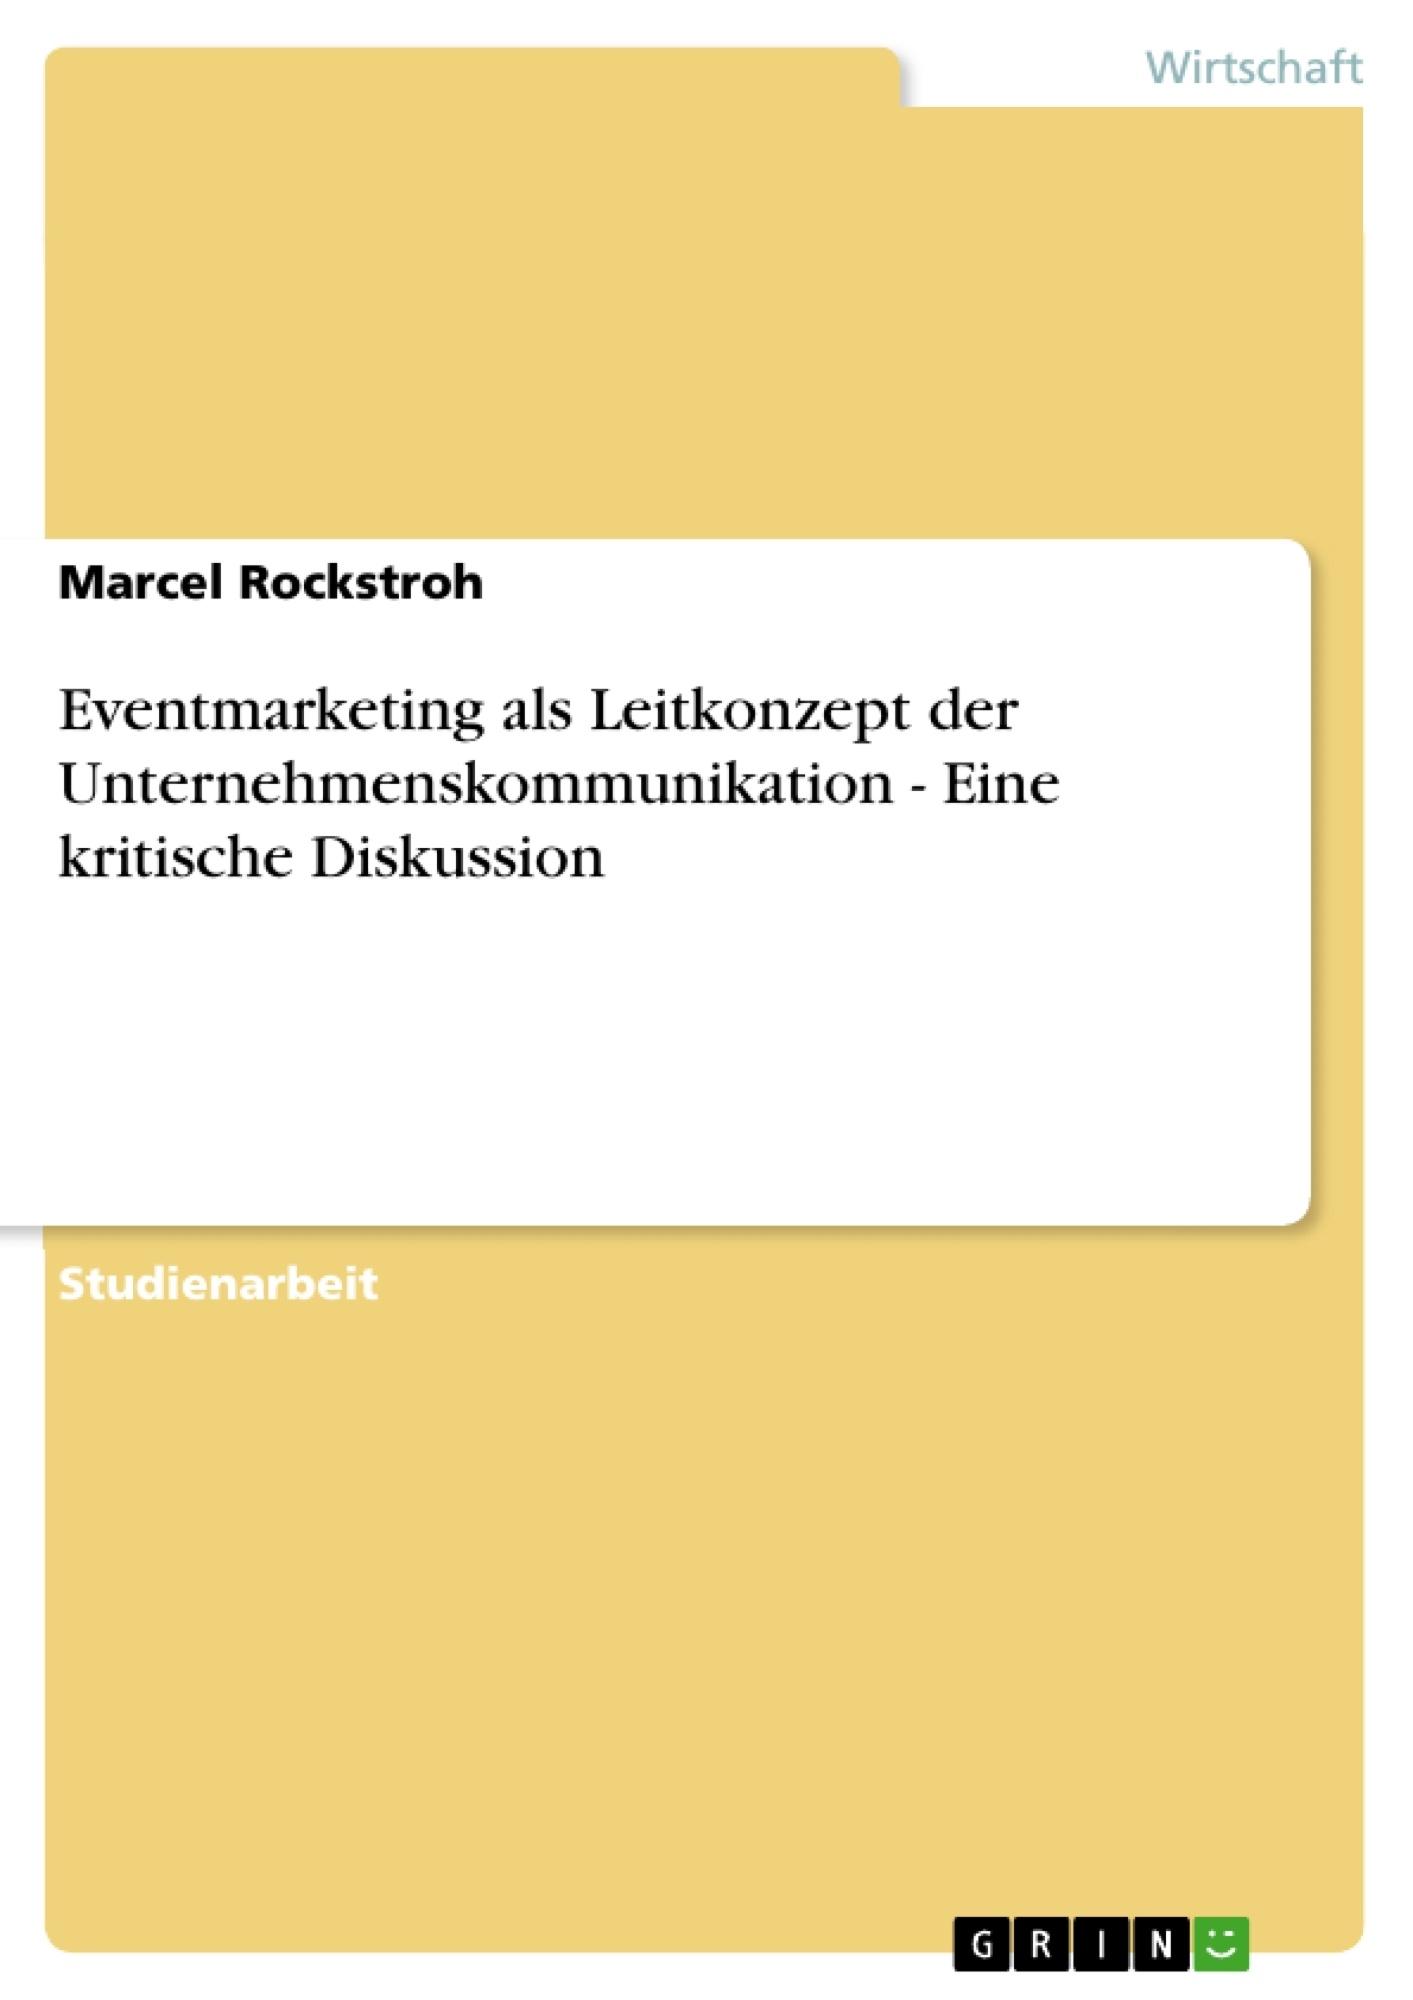 Titel: Eventmarketing als Leitkonzept der Unternehmenskommunikation - Eine kritische Diskussion